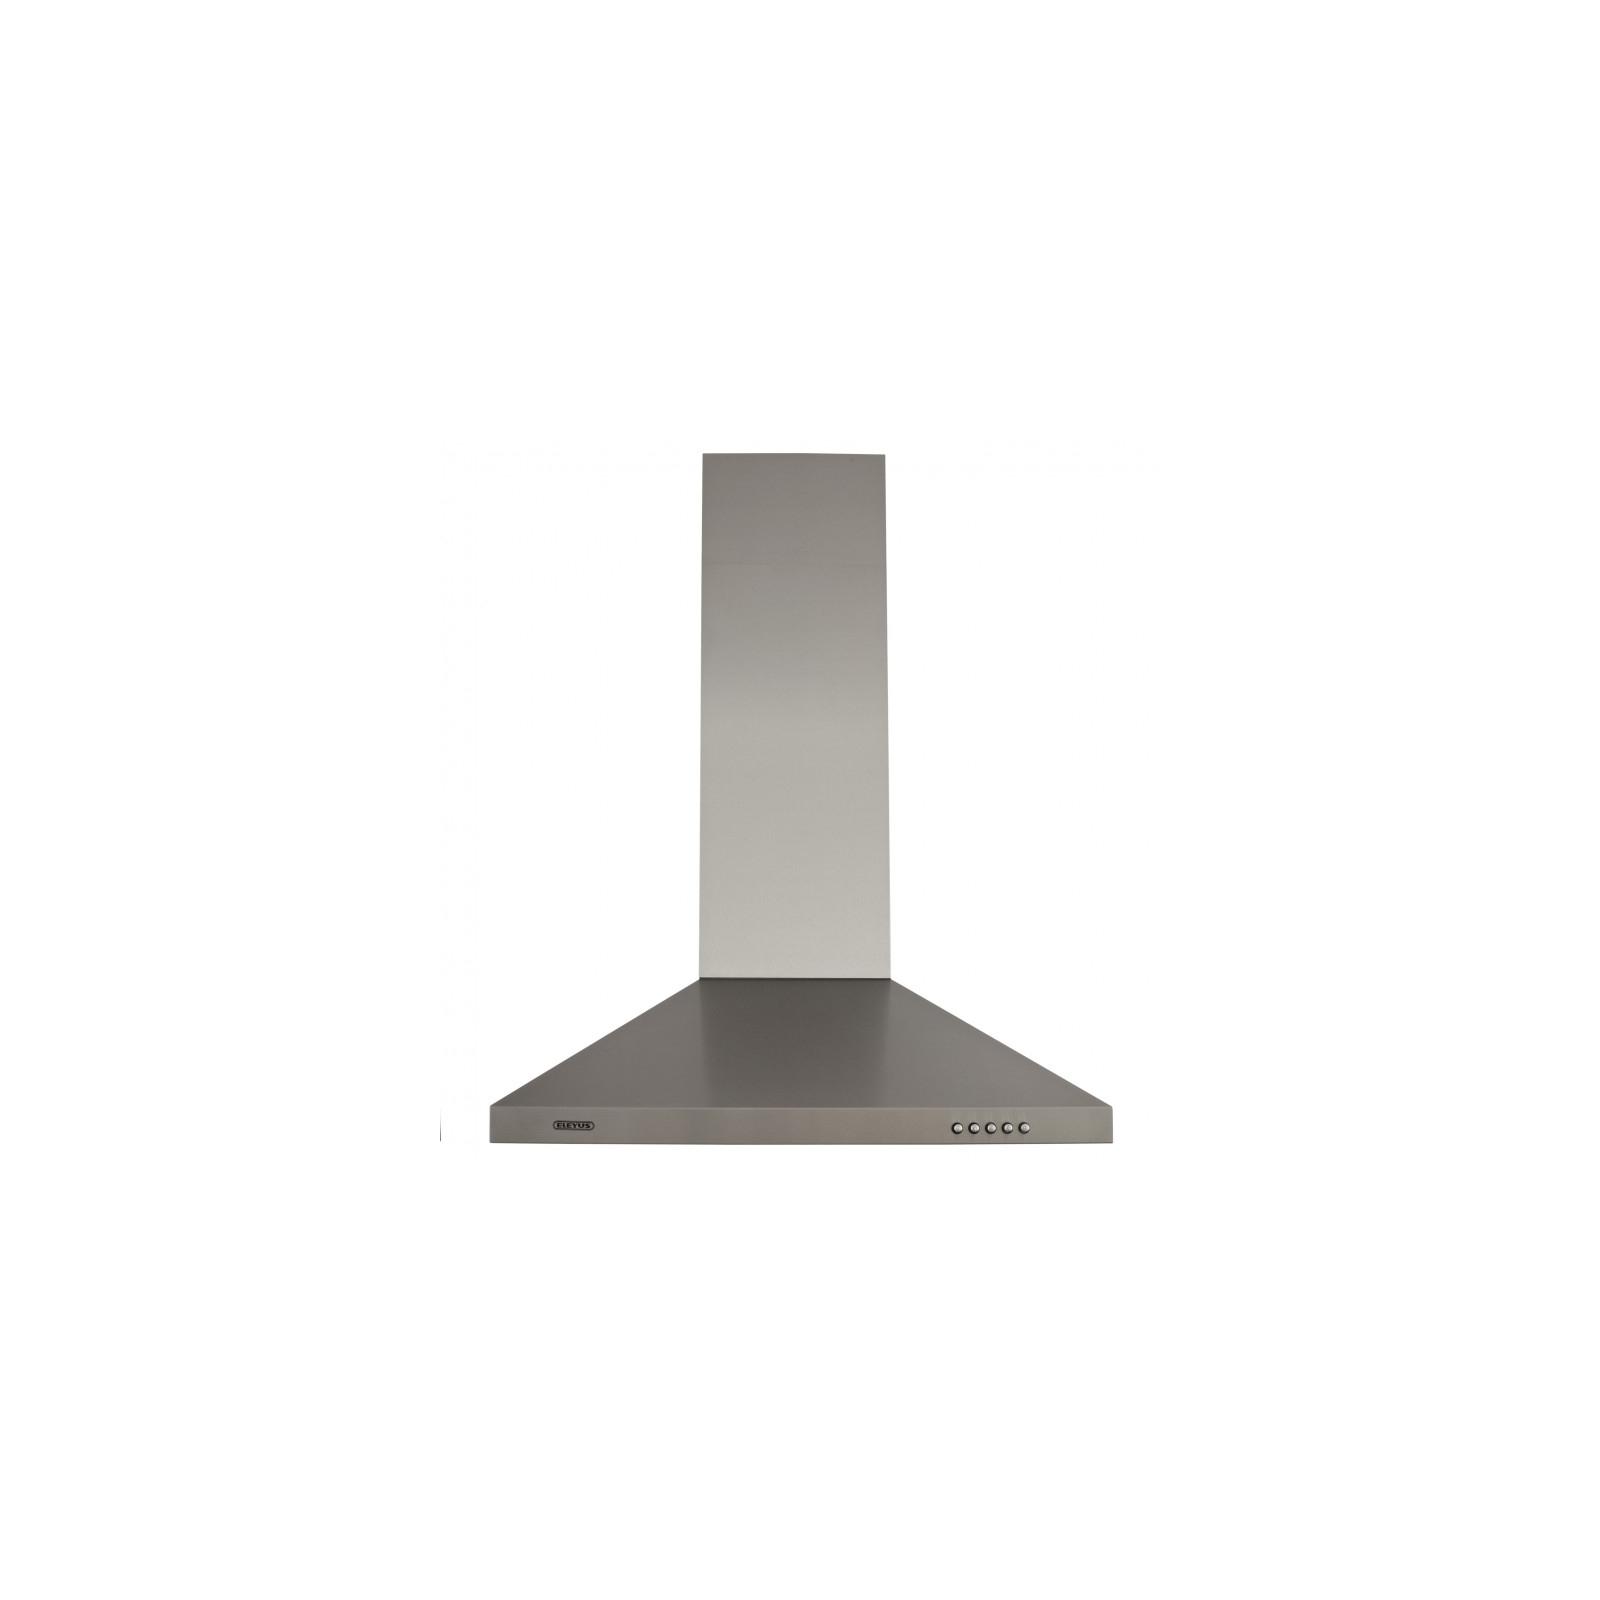 Вытяжка кухонная Eleyus KENT 700 60 BG изображение 4